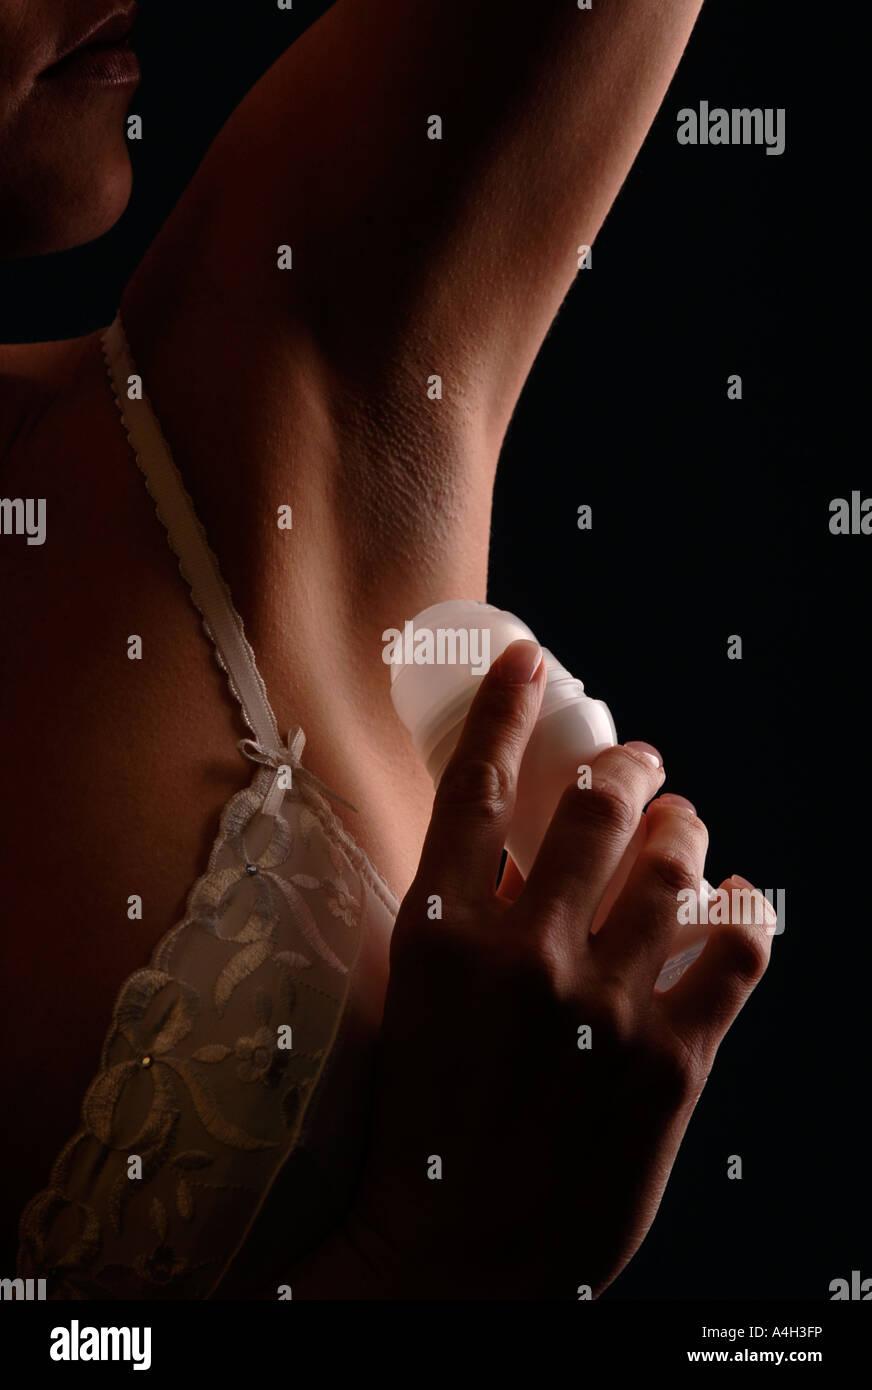 Cuidado del cuerpo Imagen De Stock